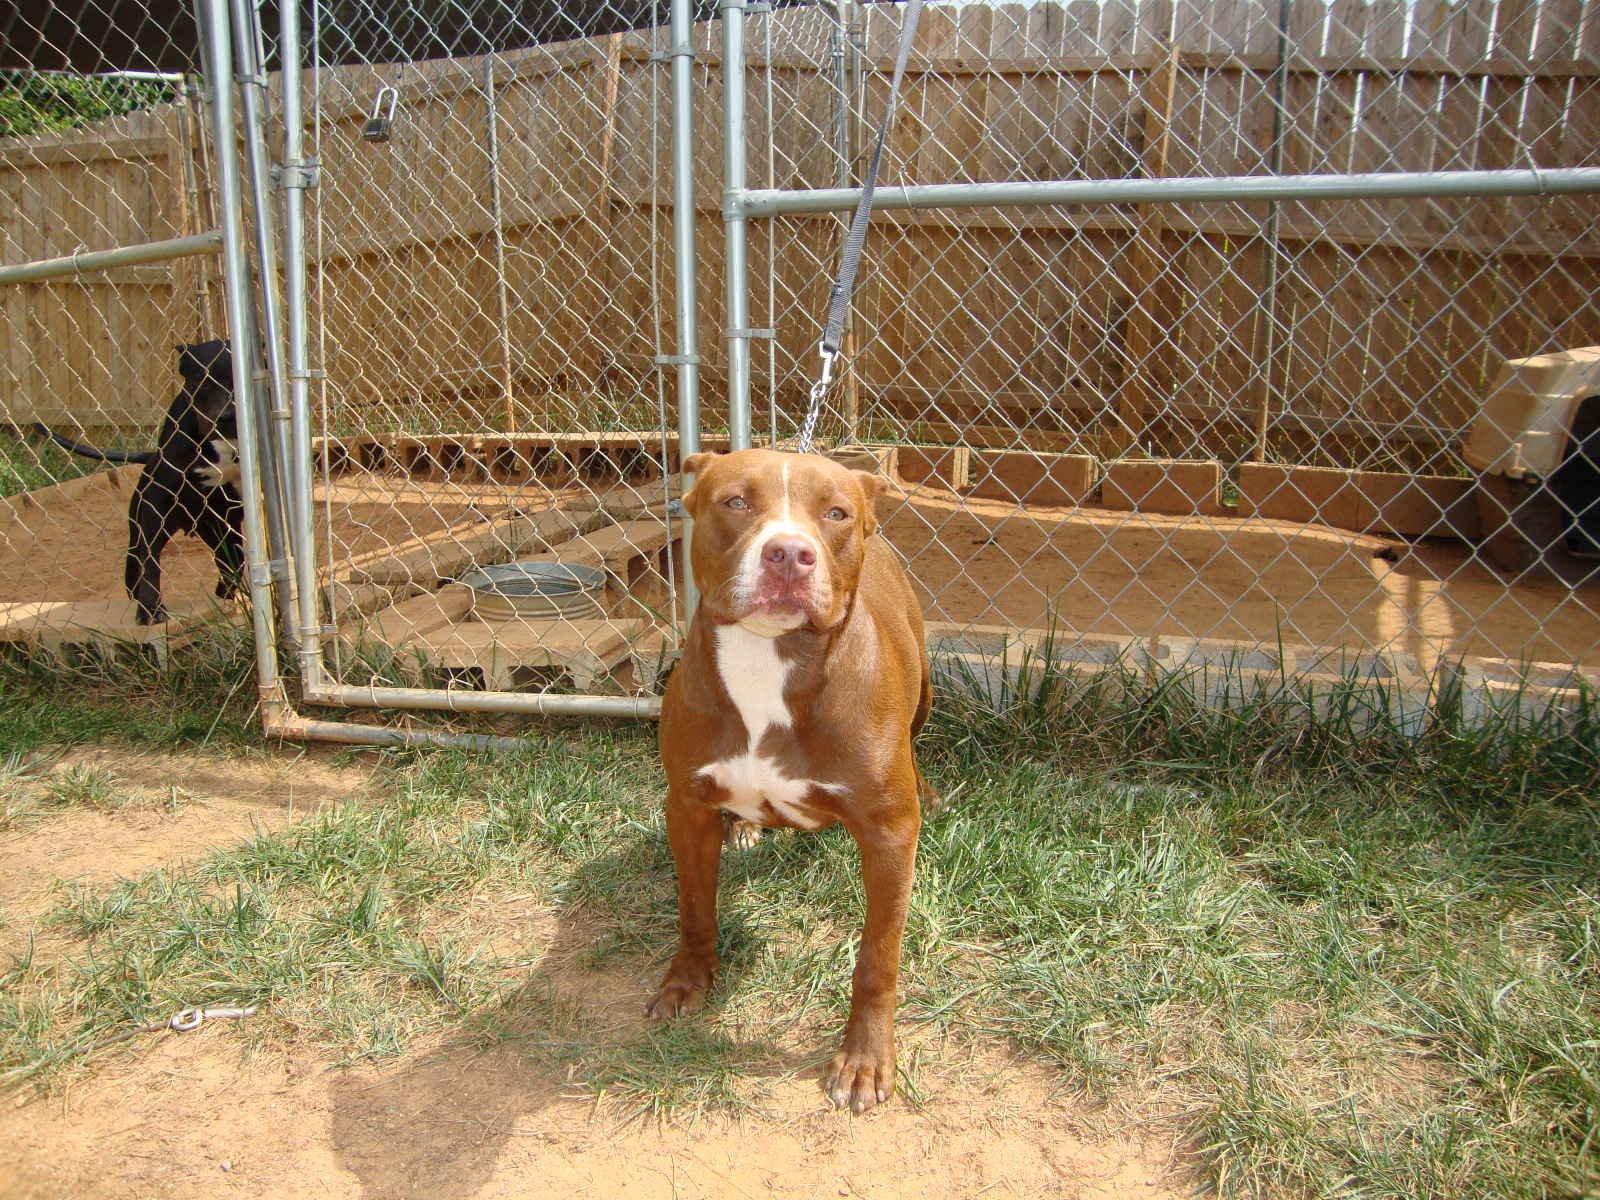 Fotos de perros Pitbull, Rottweiler y Dogo Argentino